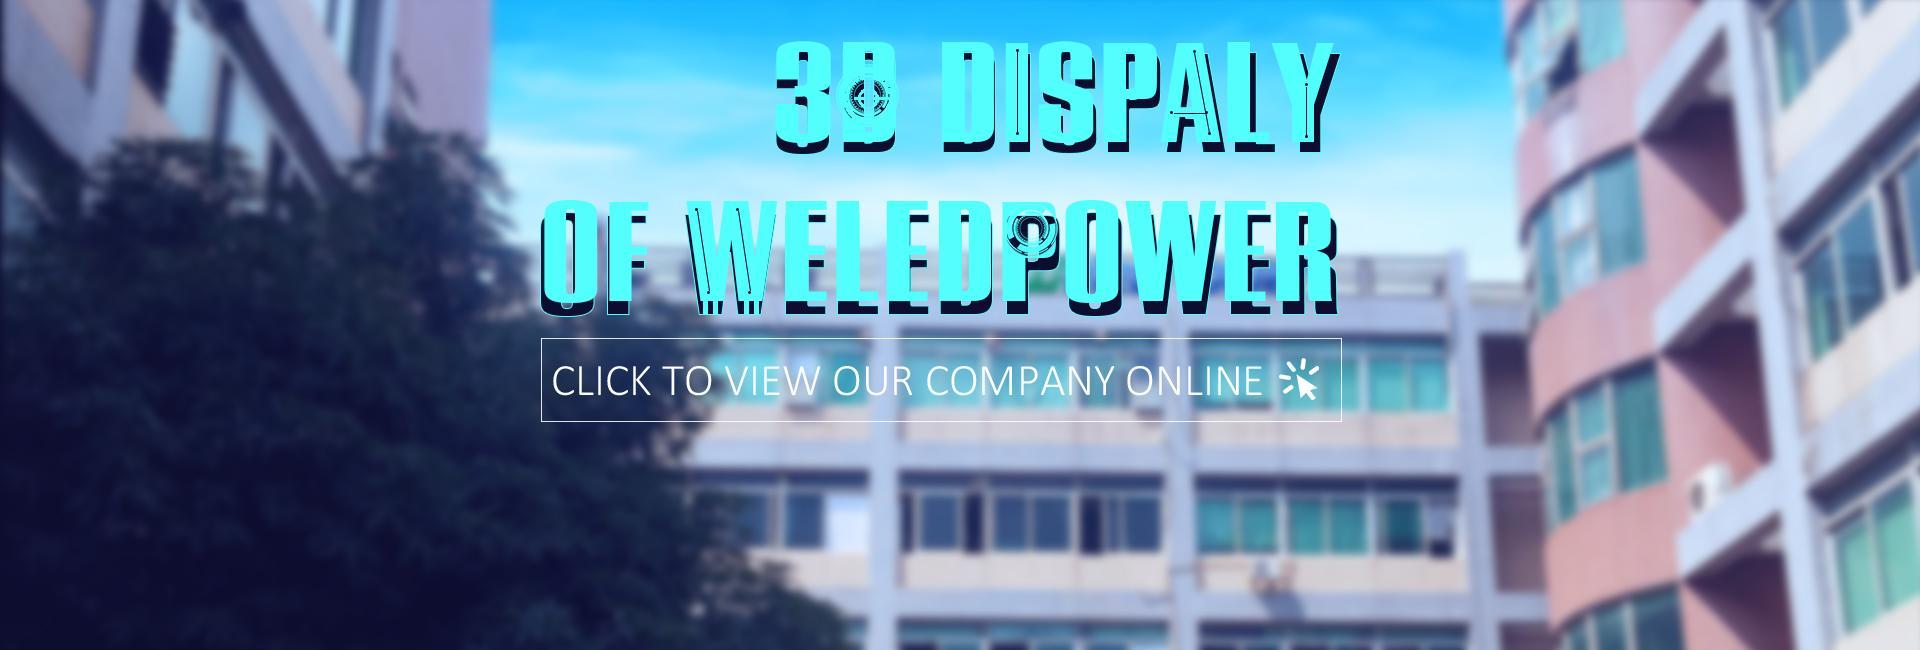 3D display of wledpower